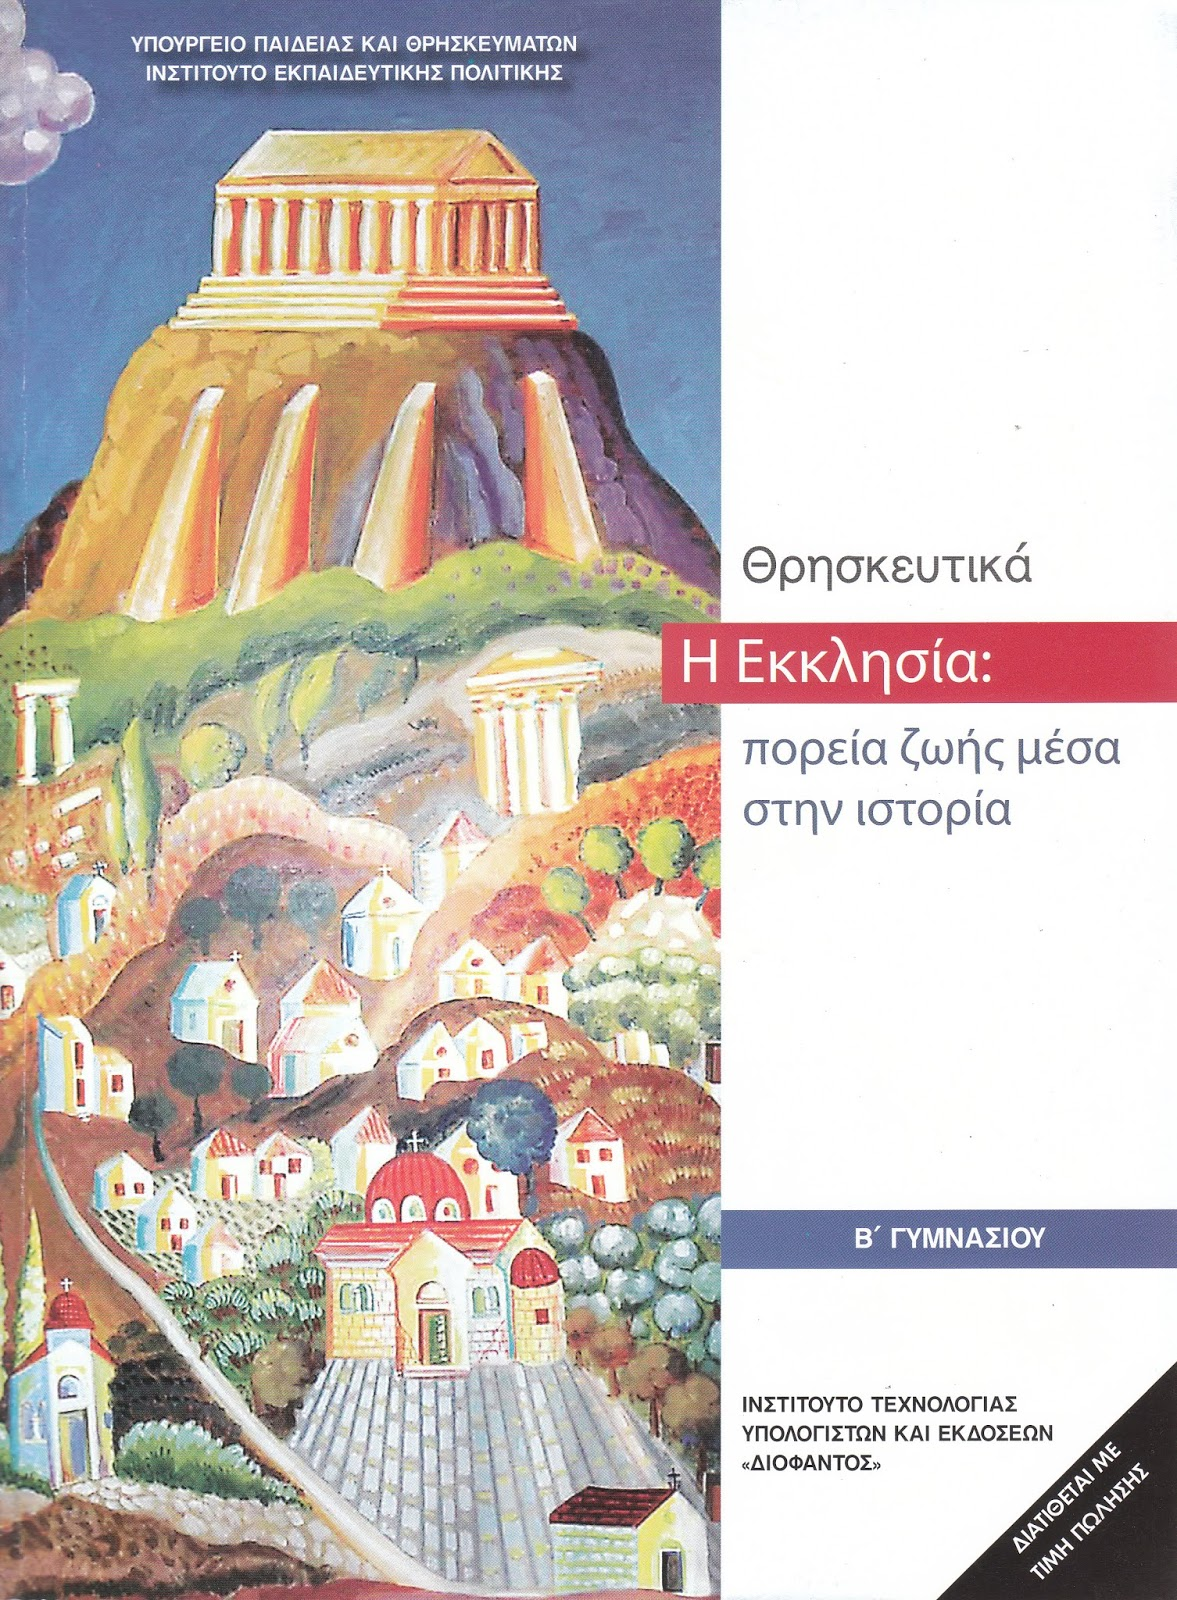 Τα νέα βιβλία Θρησκευτικών Γυμνασίου: Περιεχόμενα και επιμελητές - Φωτογραφία 1